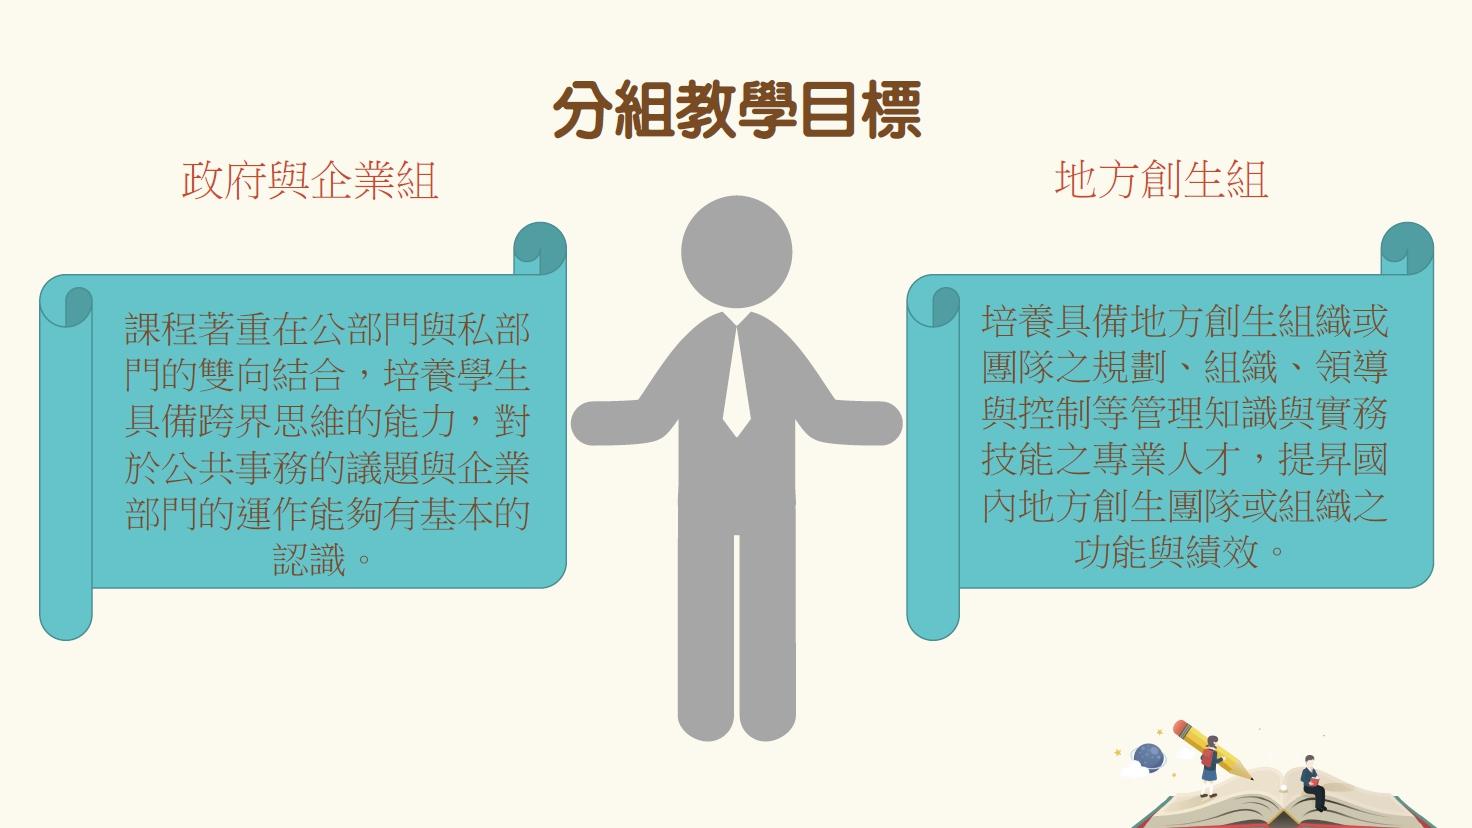 地方創生組與政府與企業組兩組之差異